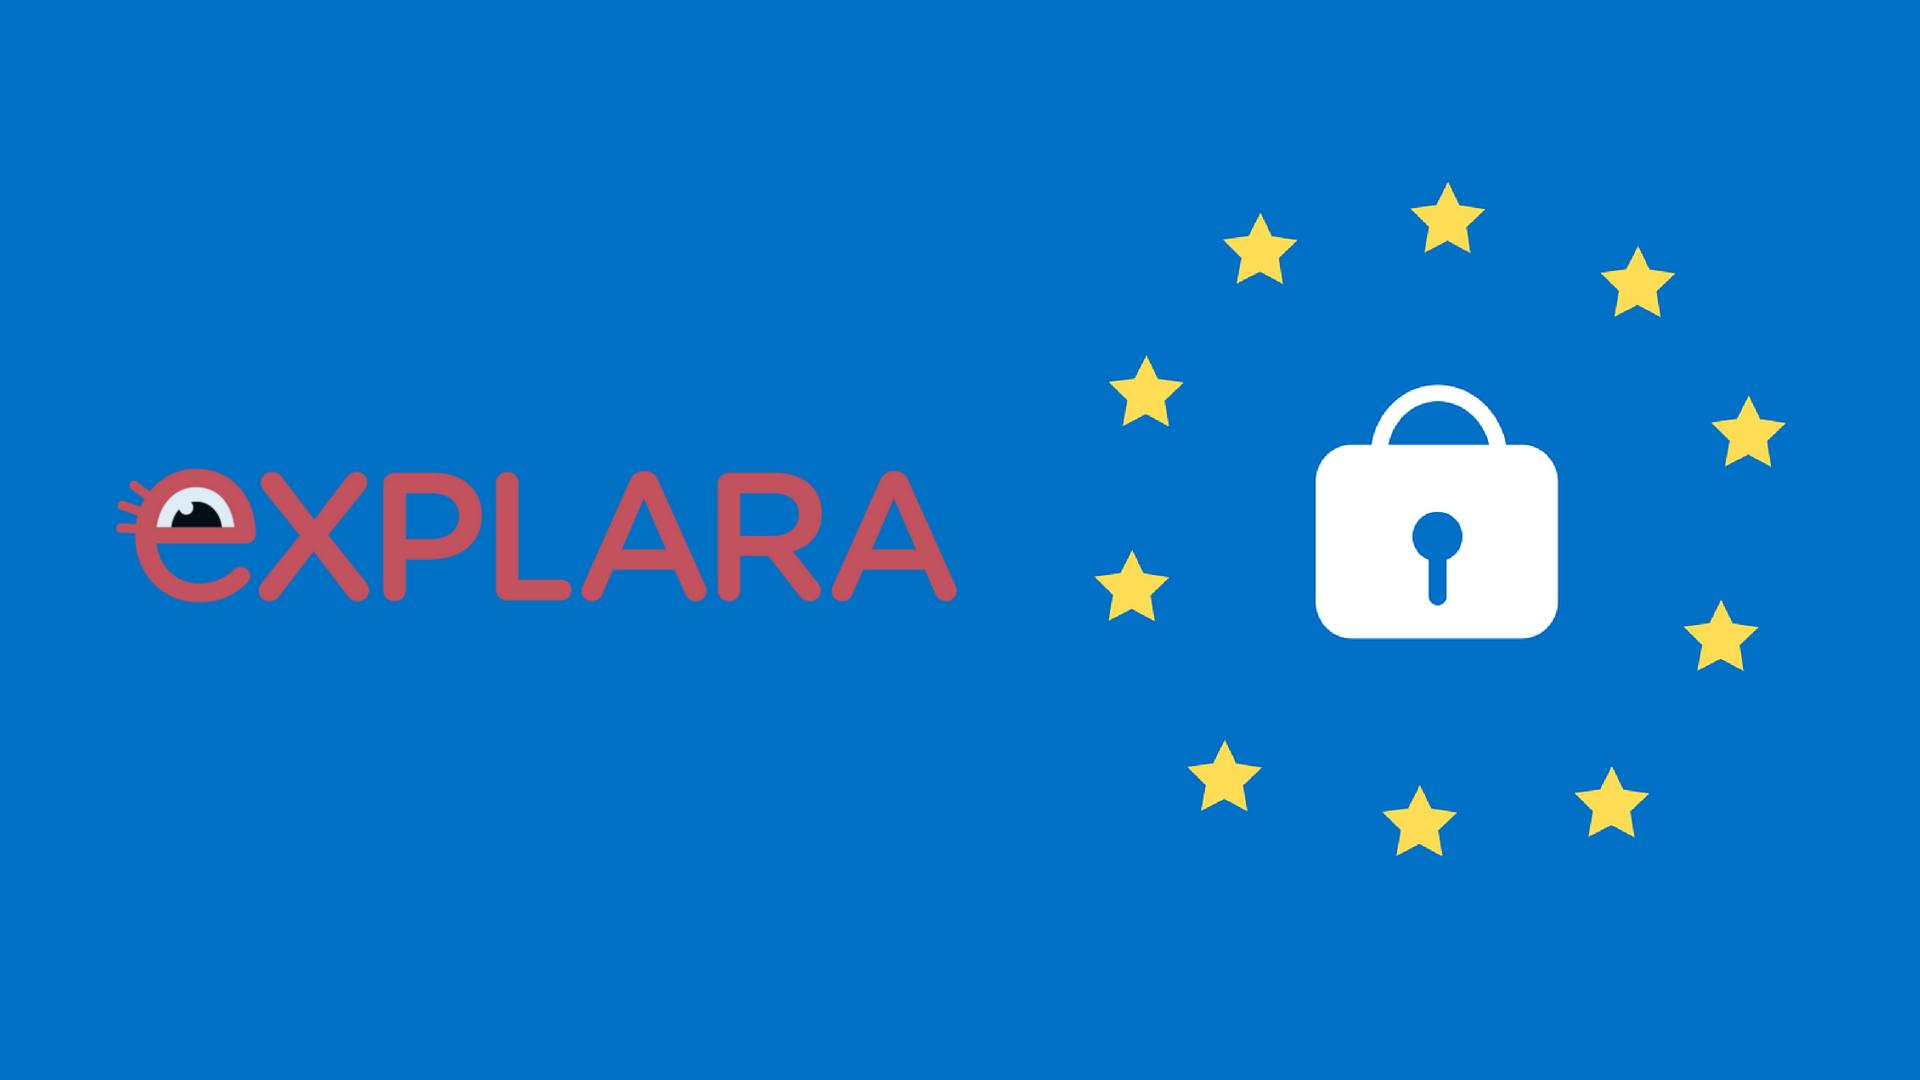 EXPLARA & GDPR